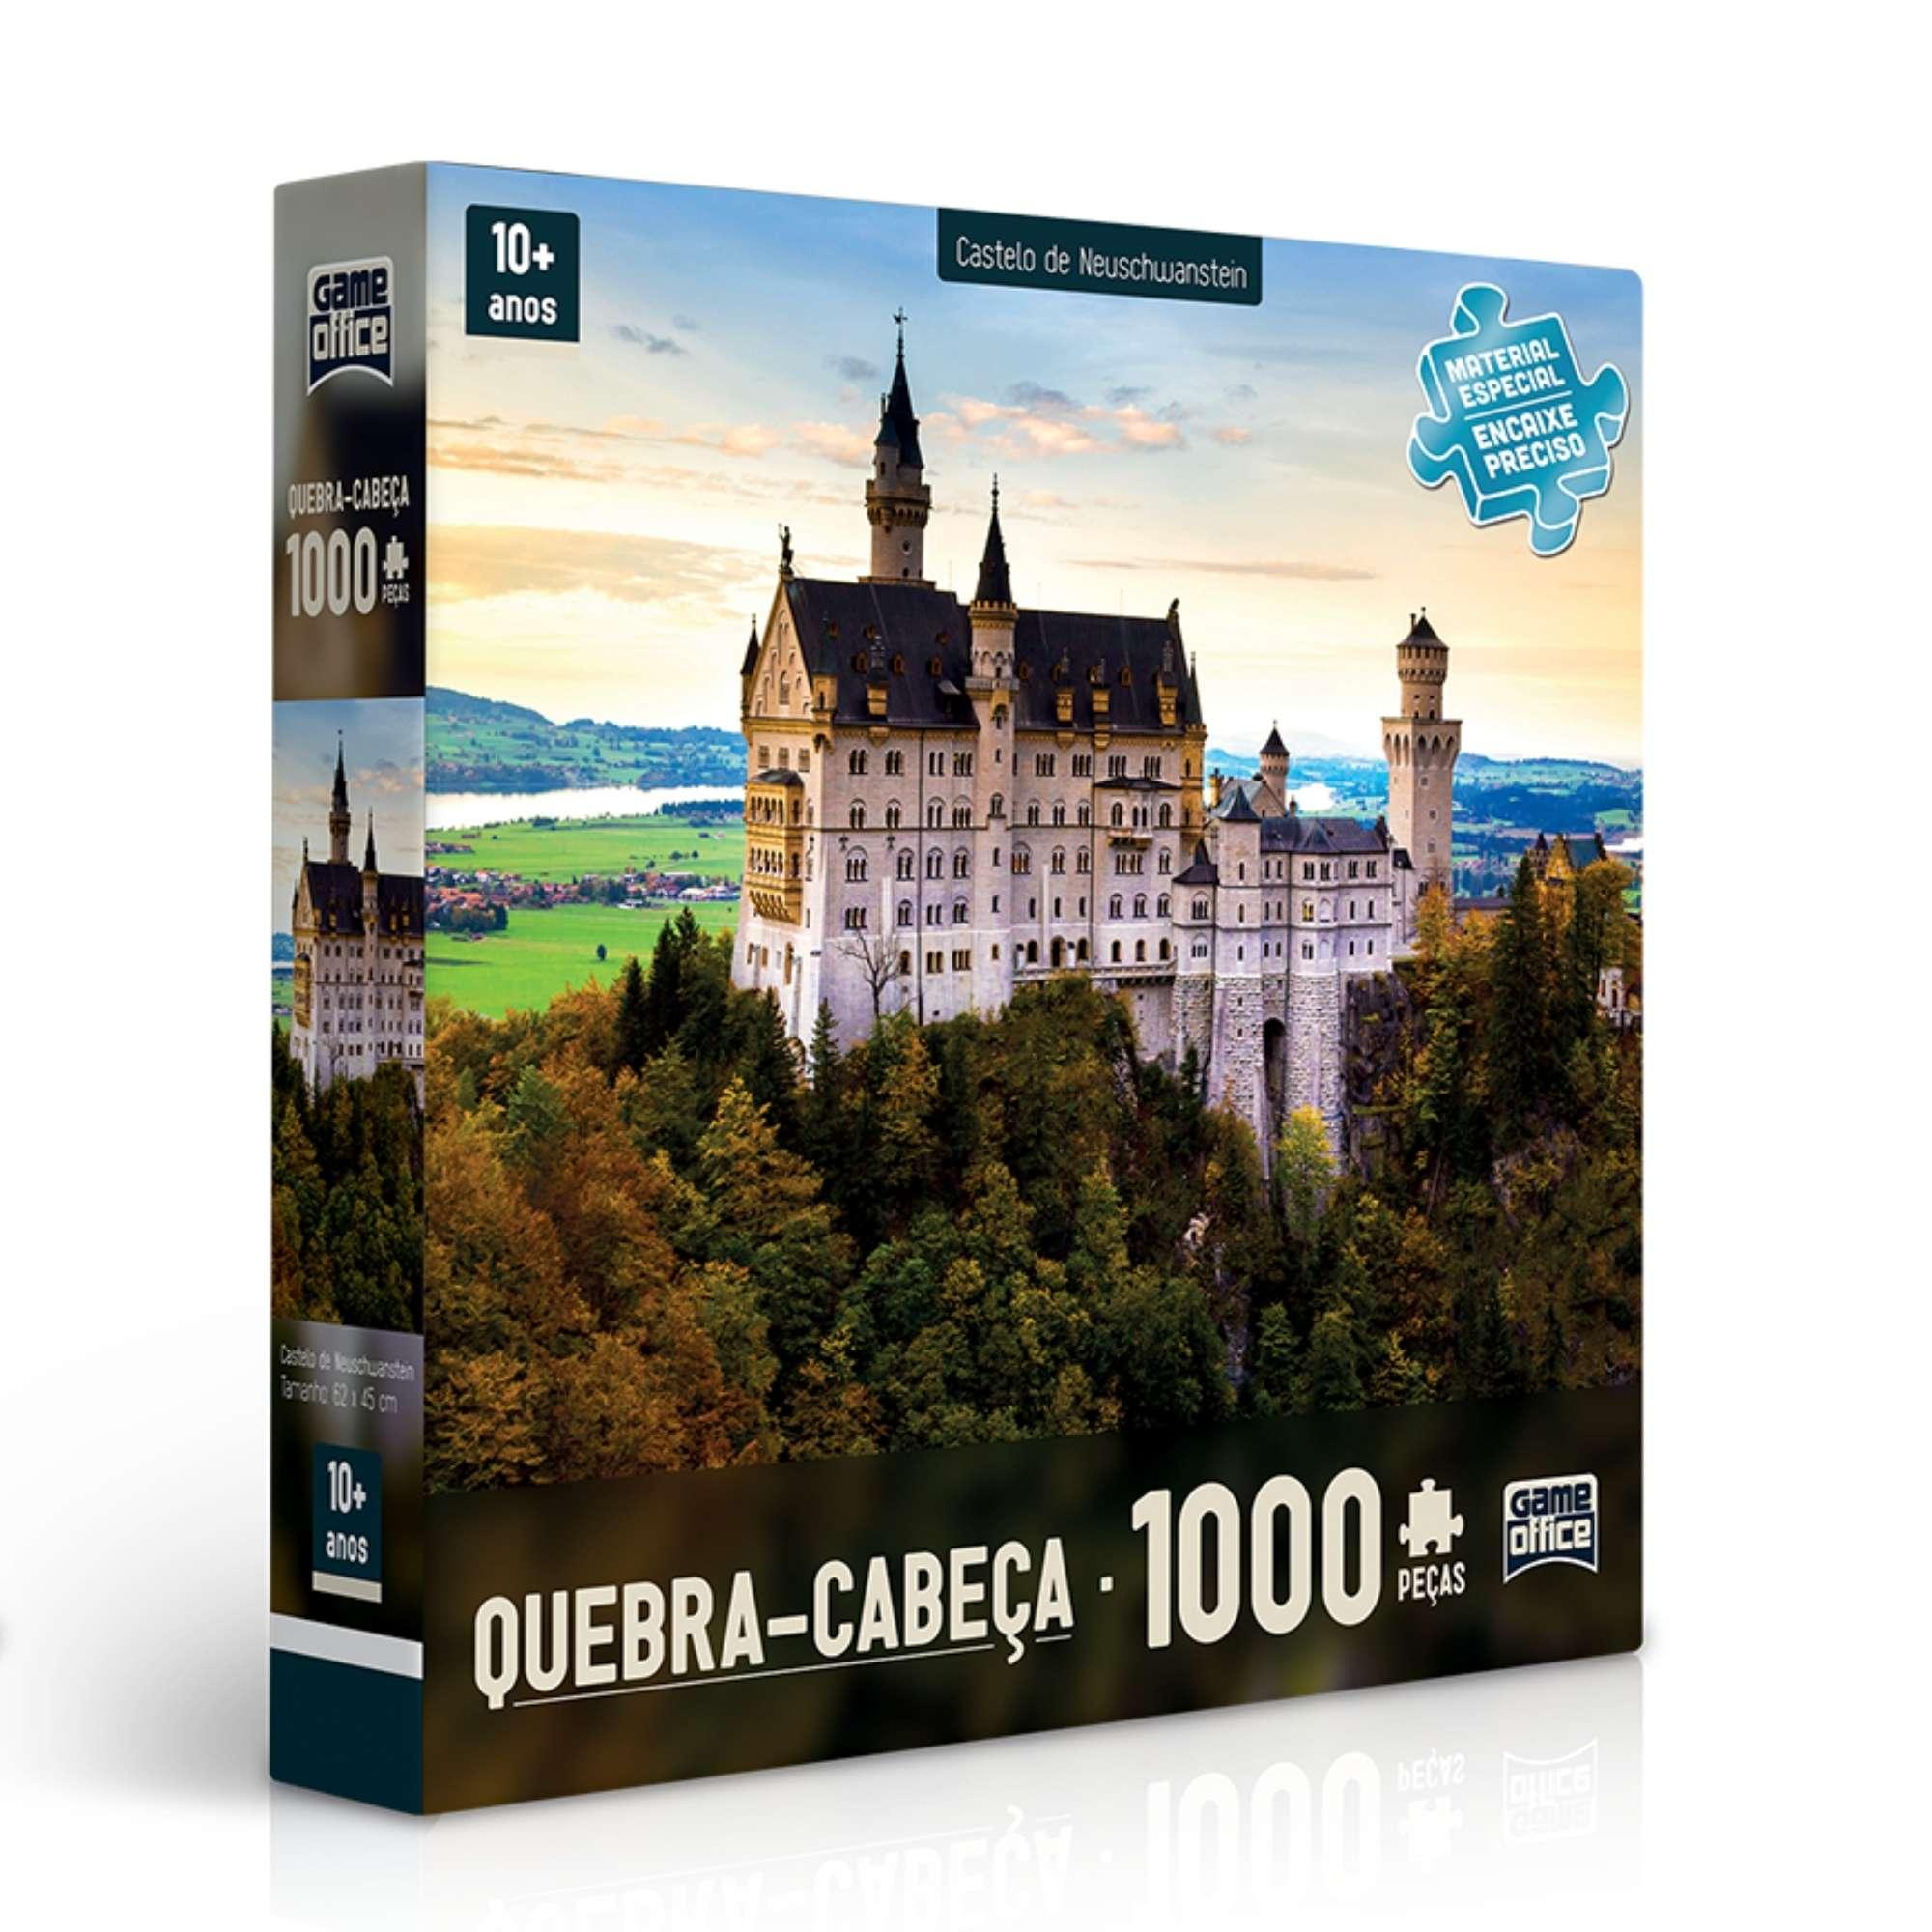 Quebra-Cabeça Castelo de Neuschwanstein 1000 peças - Game Office